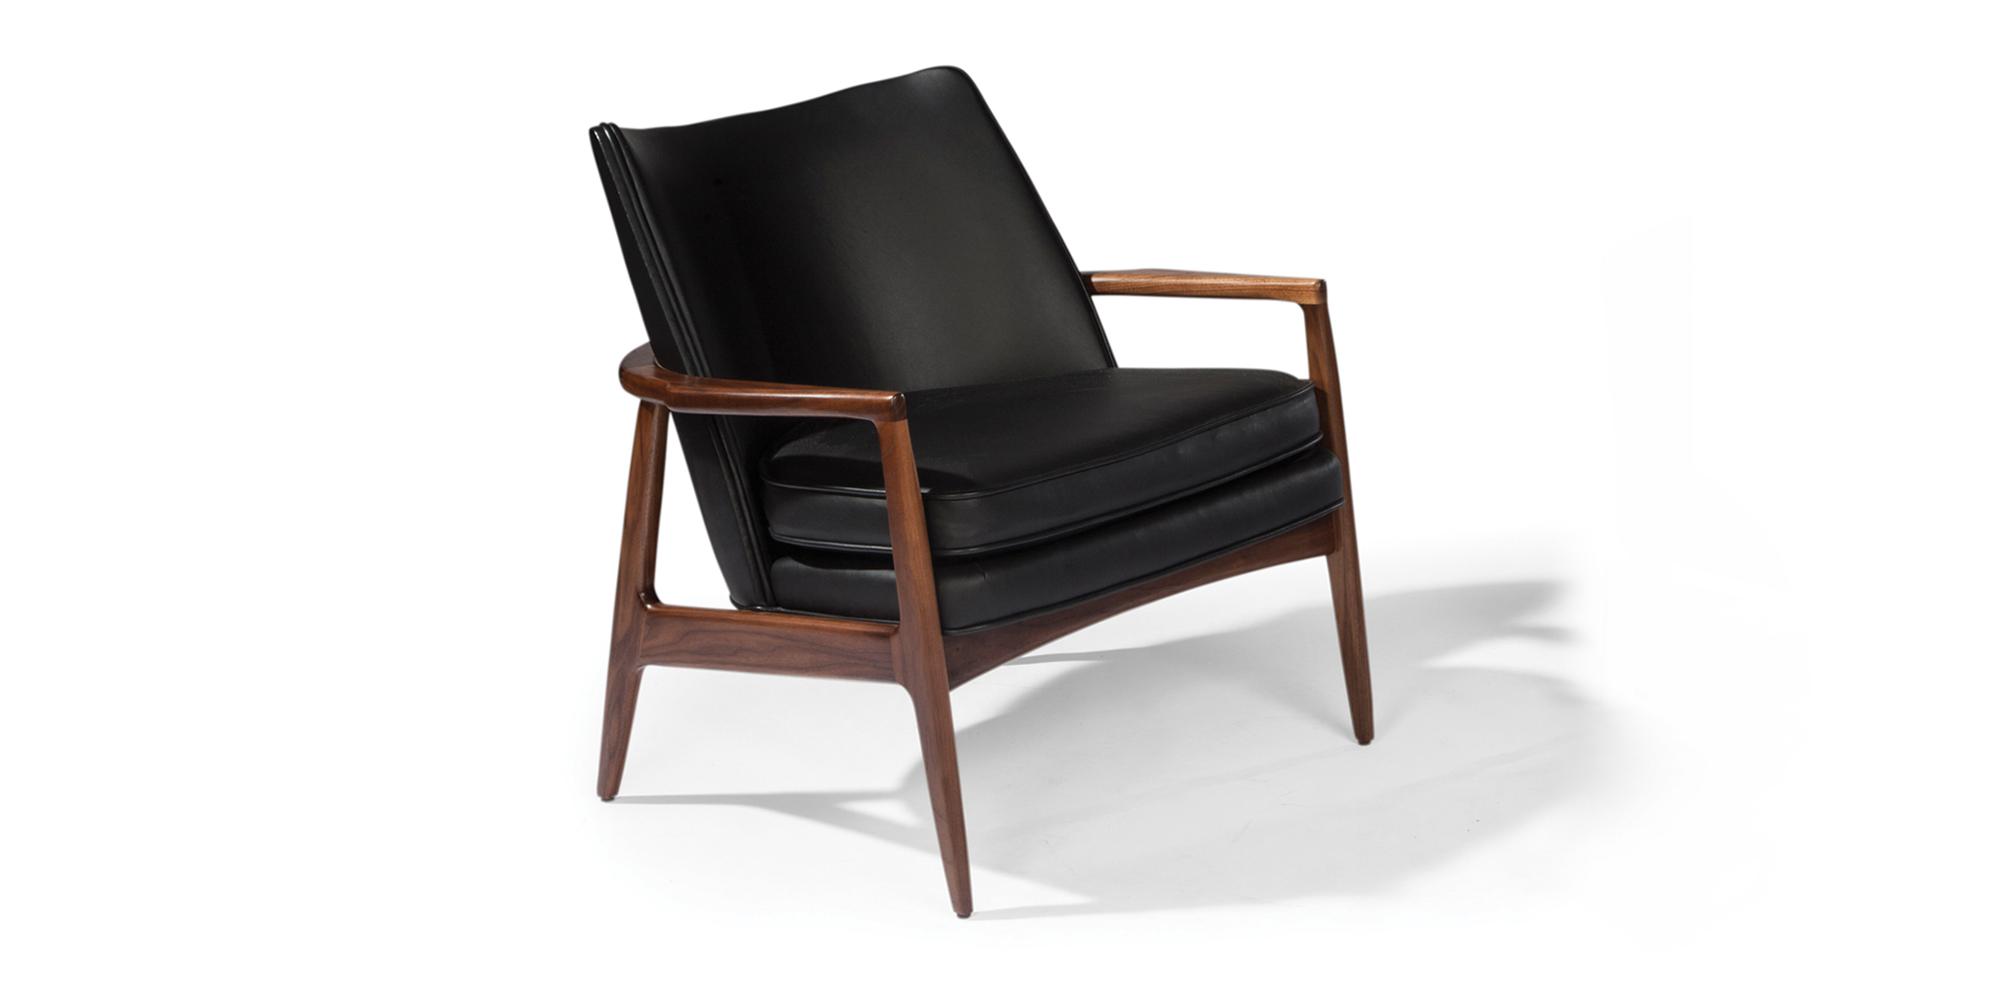 Draper Chair (No Tufting)